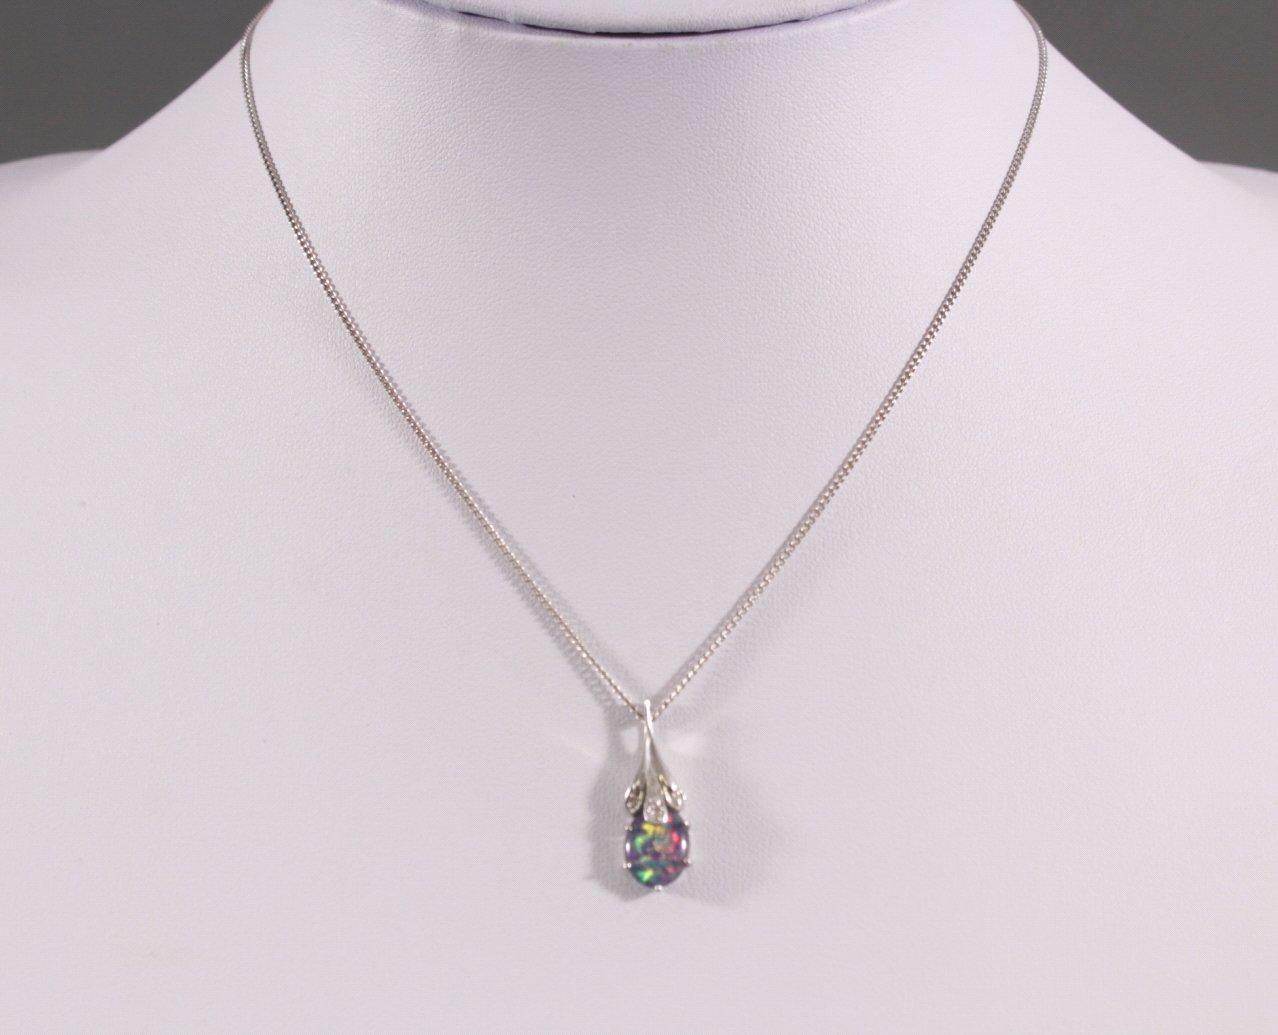 Halskette mit Opalanhänger und Diamanten